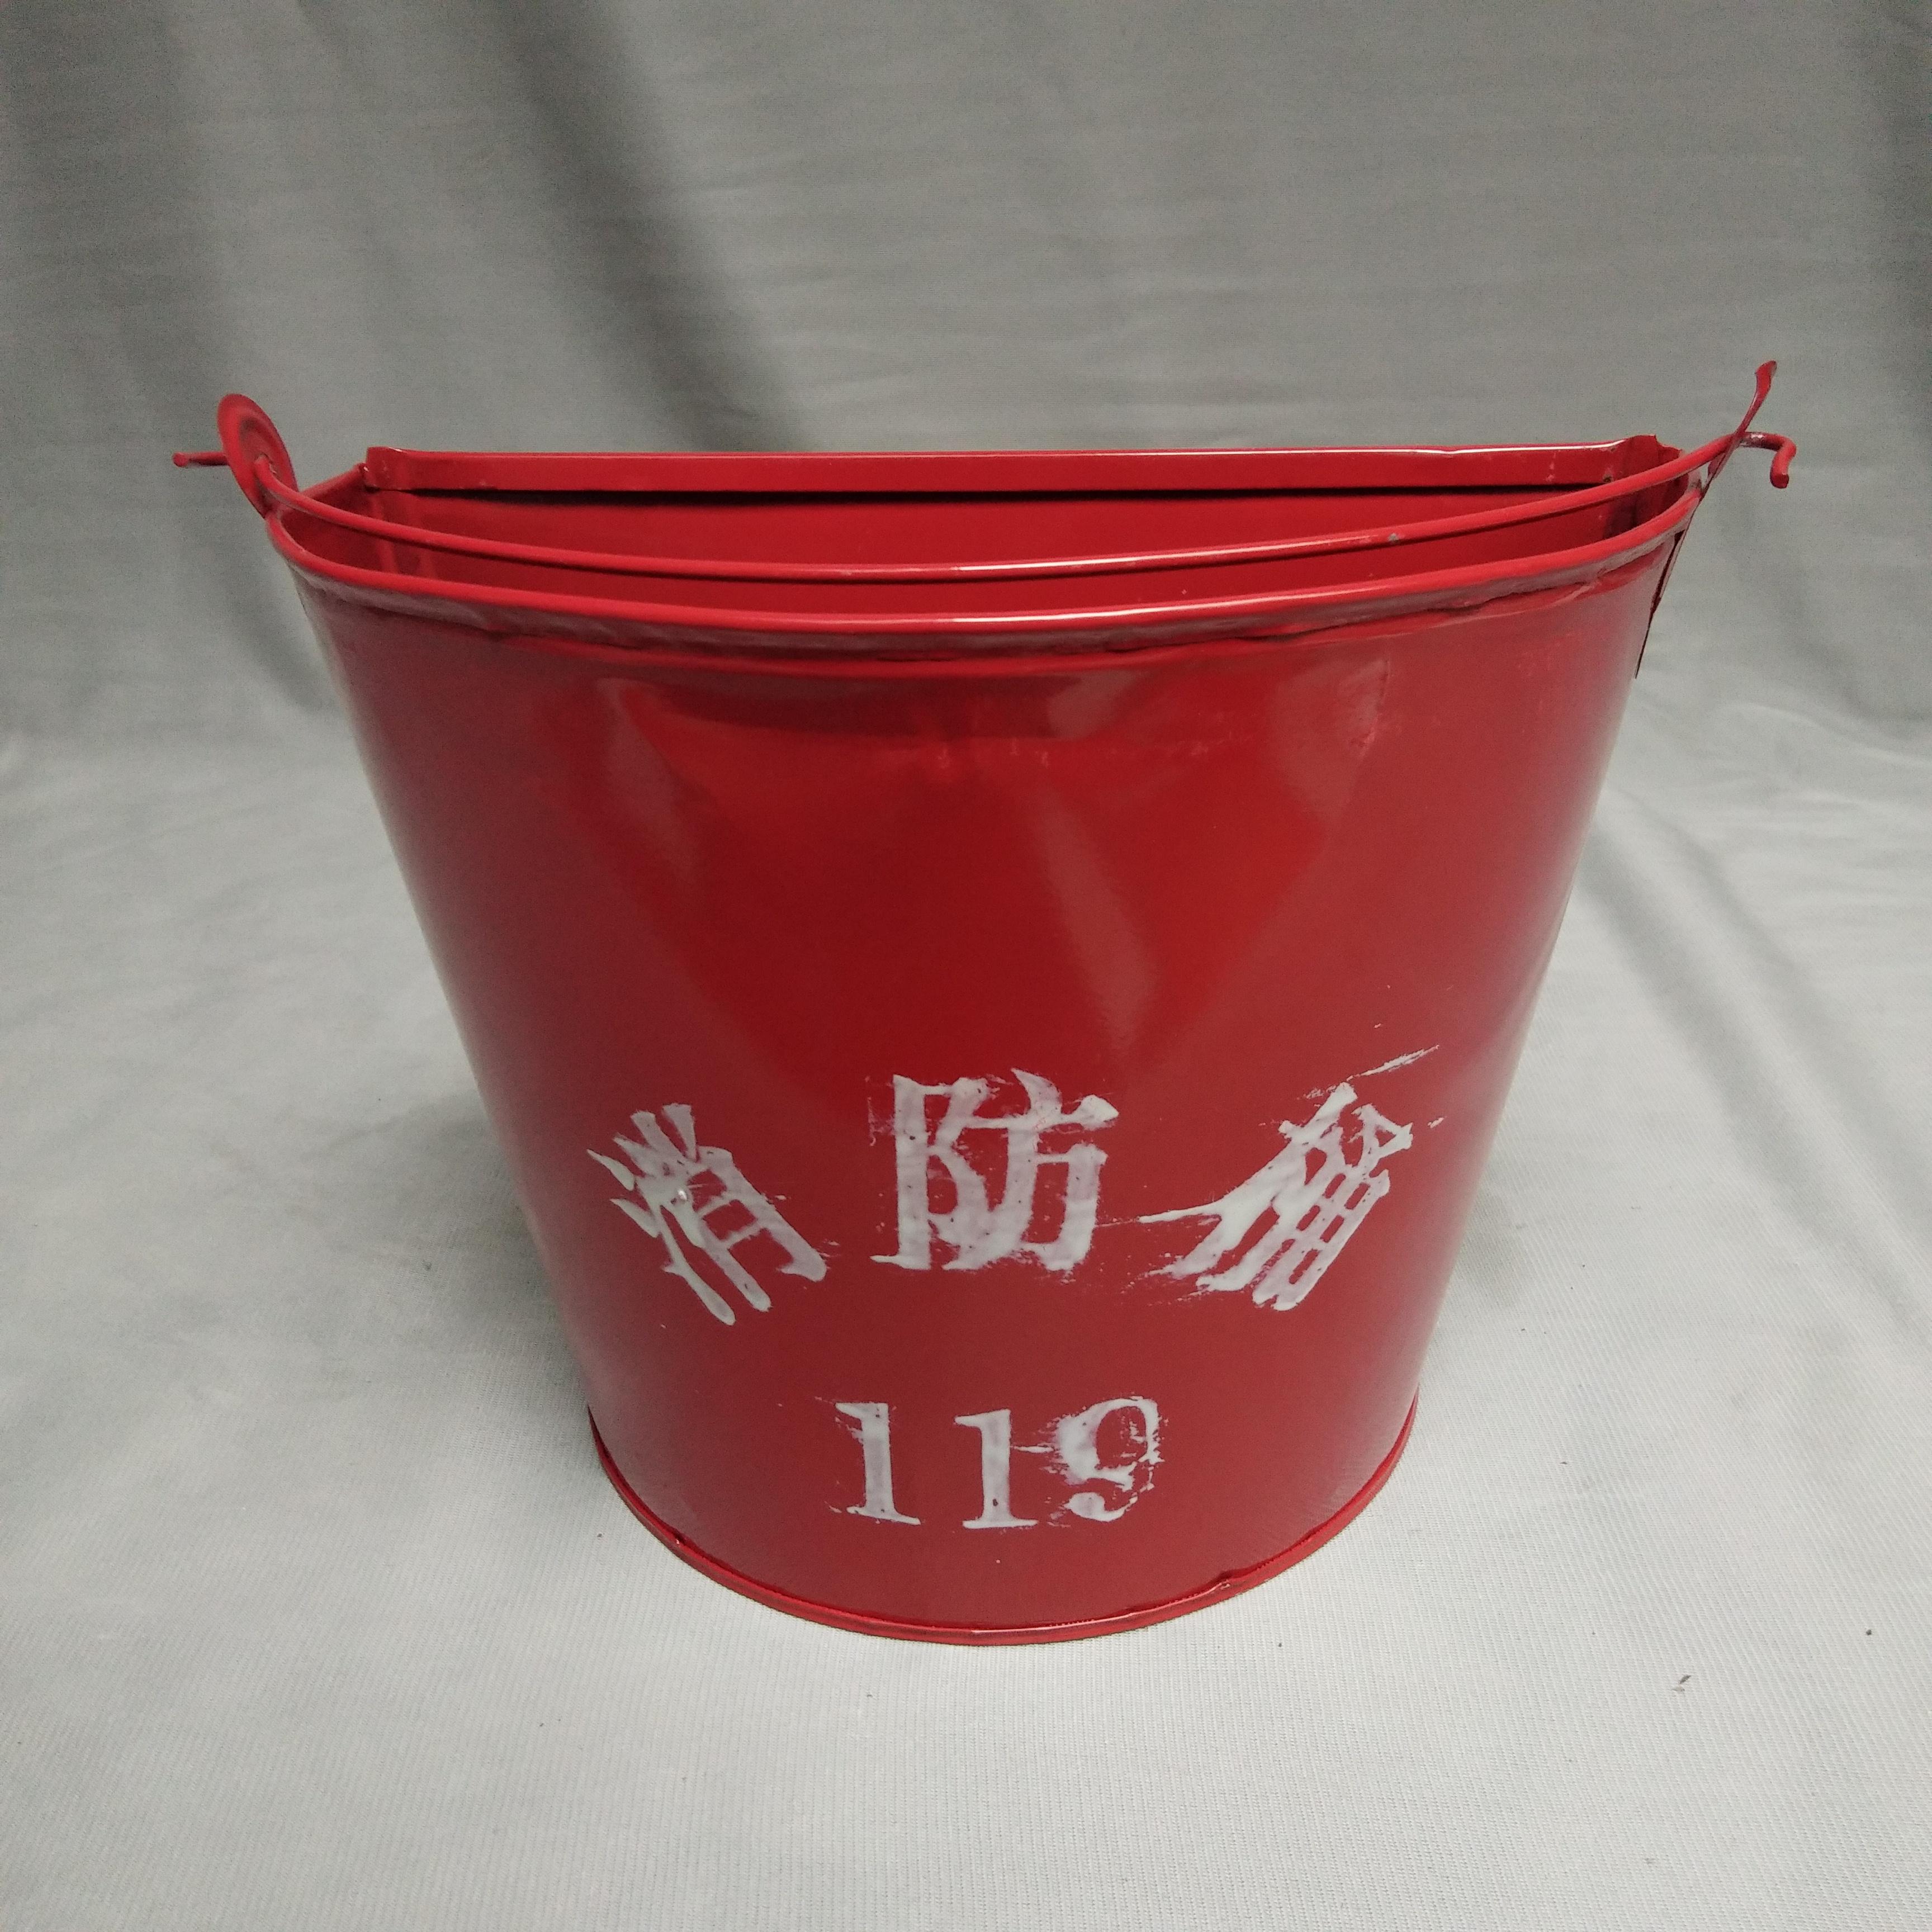 南昌厂家促销消防沙桶 半圆消防沙桶 消防桶  应急铁桶 消防沙桶 消防119沙桶 平安消防器材